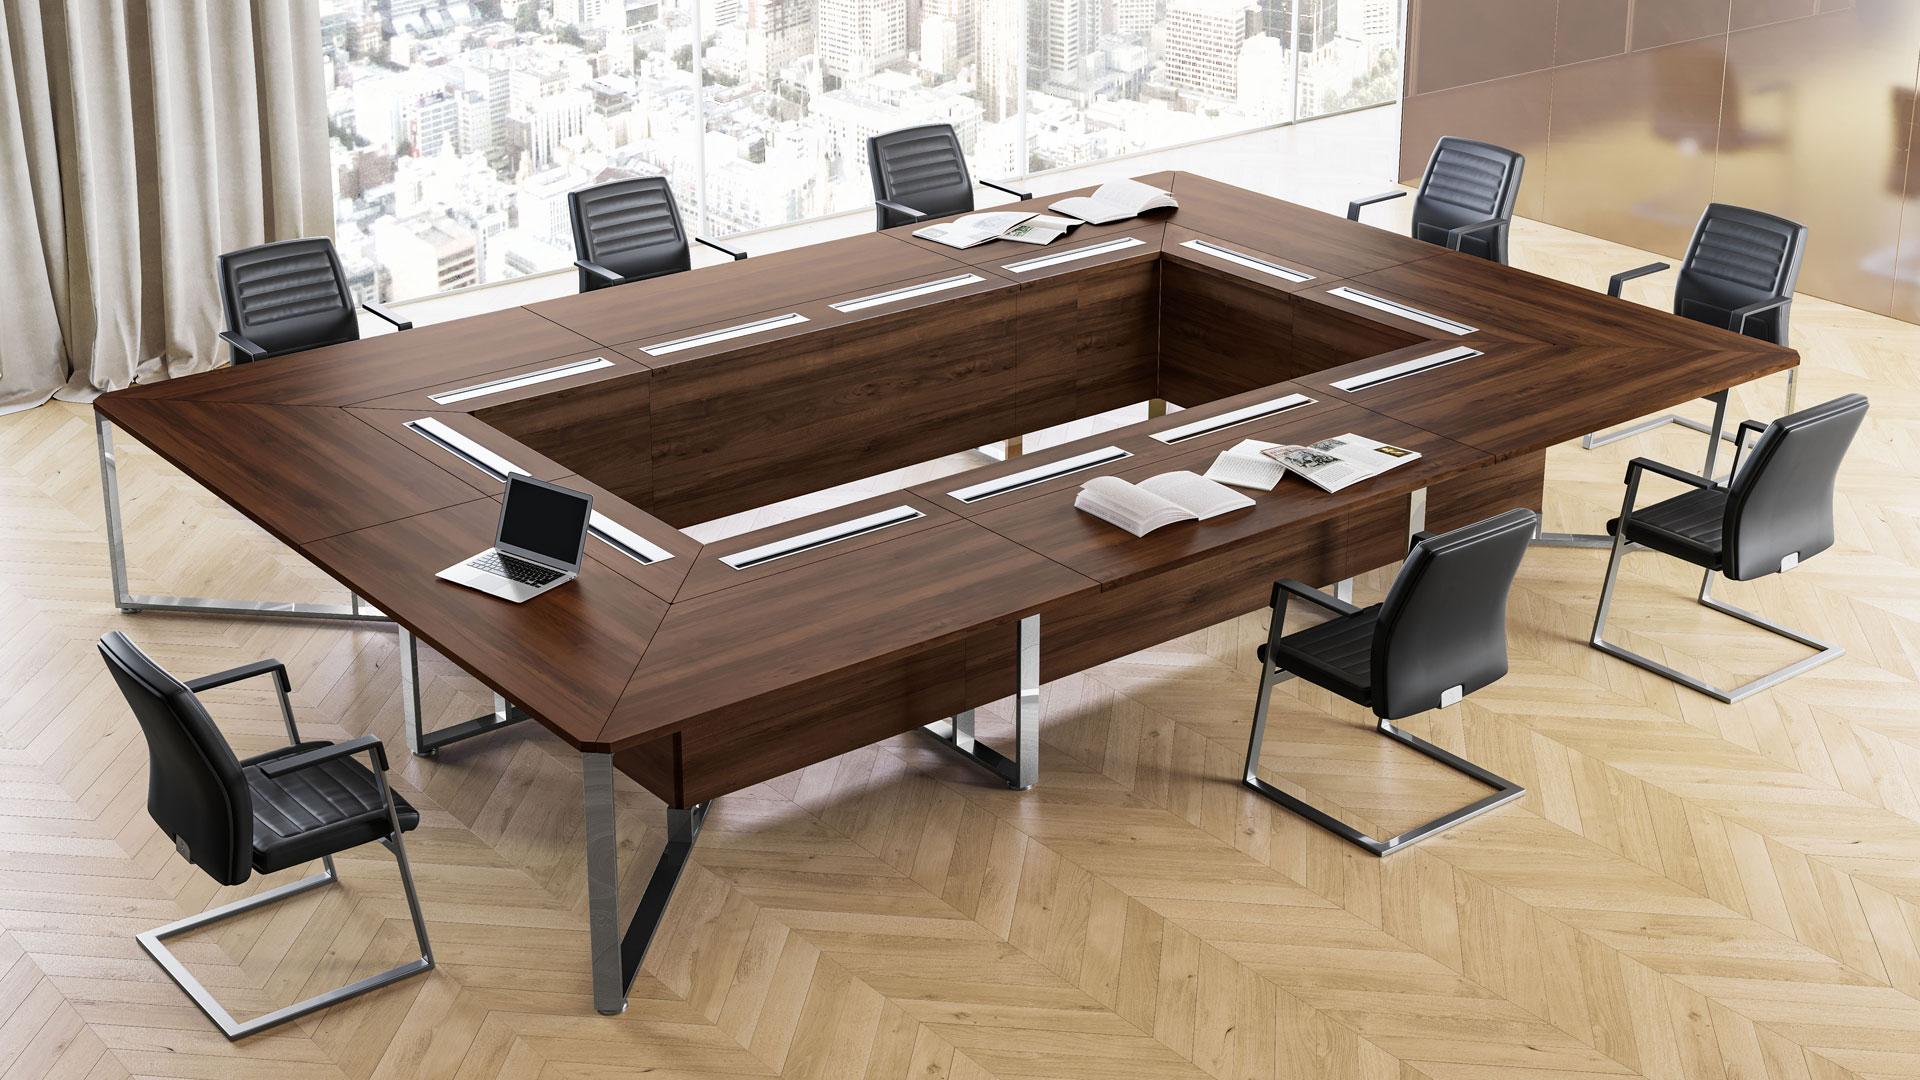 Las mobili ufficio arredamento ufficio moderno e classico varese - Arredamento ufficio classico ...